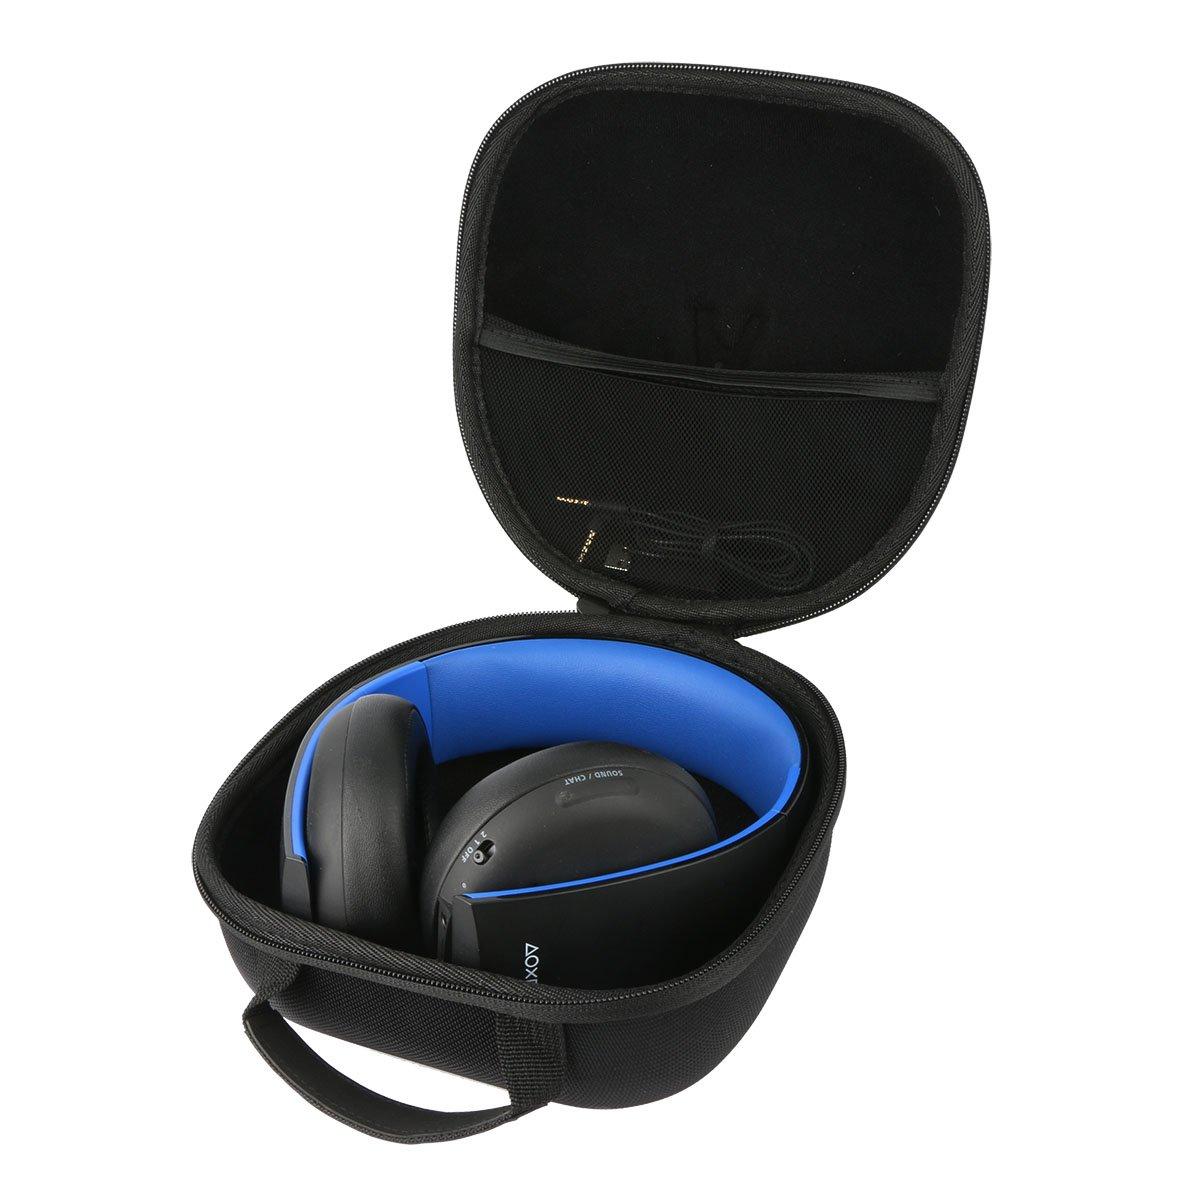 Teckone Portatile Custodia da viaggio Memorizzazione per Sony PS4//PS3//PS Vita Cuffie wireless stereo microfono cuffia //PlayStation Controller Dualshock Wireless Mesh Pocket per altro Accessori